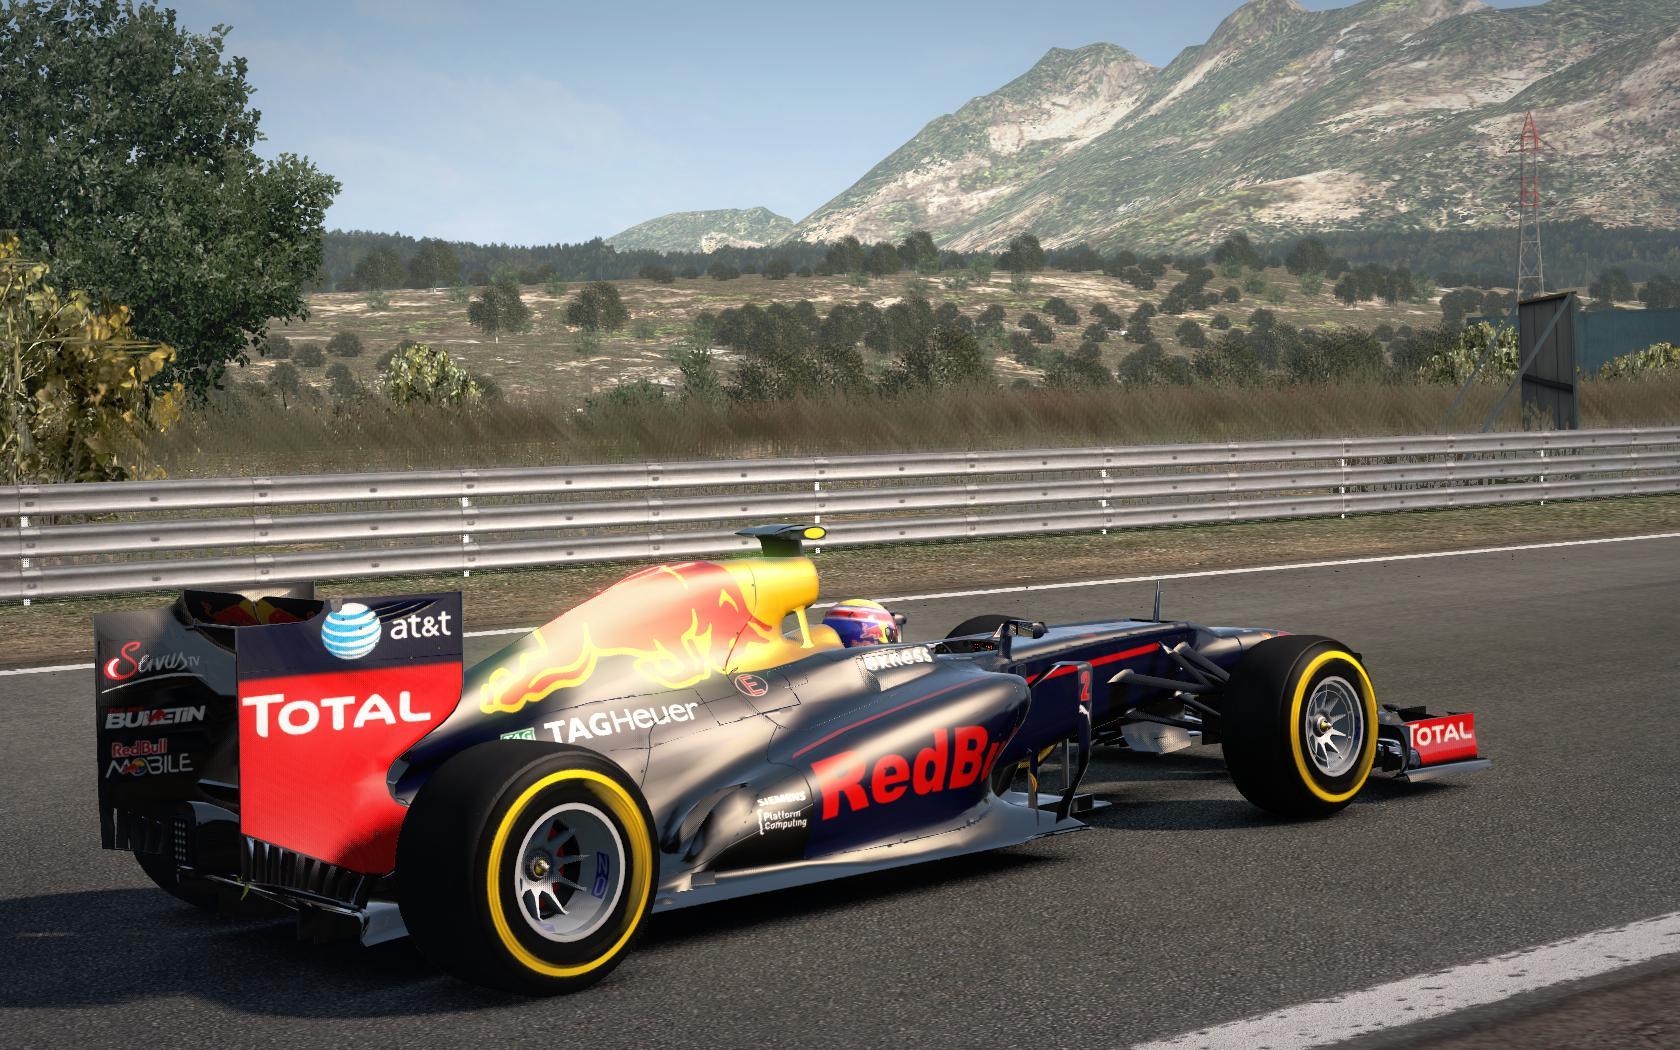 F1_2013 2016-04-21 18-05-34-21.jpg